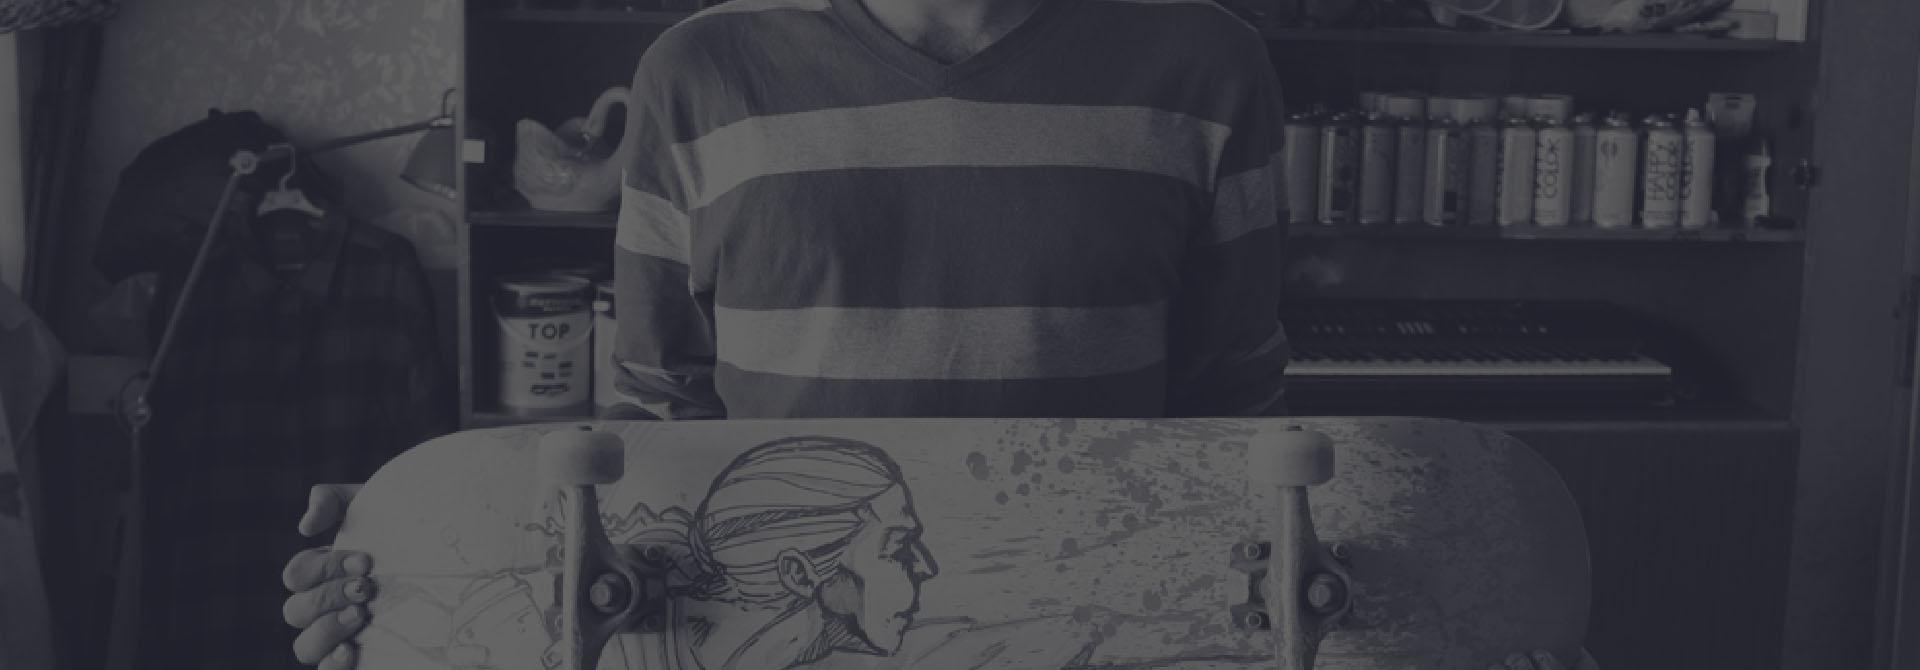 01 Suhaib